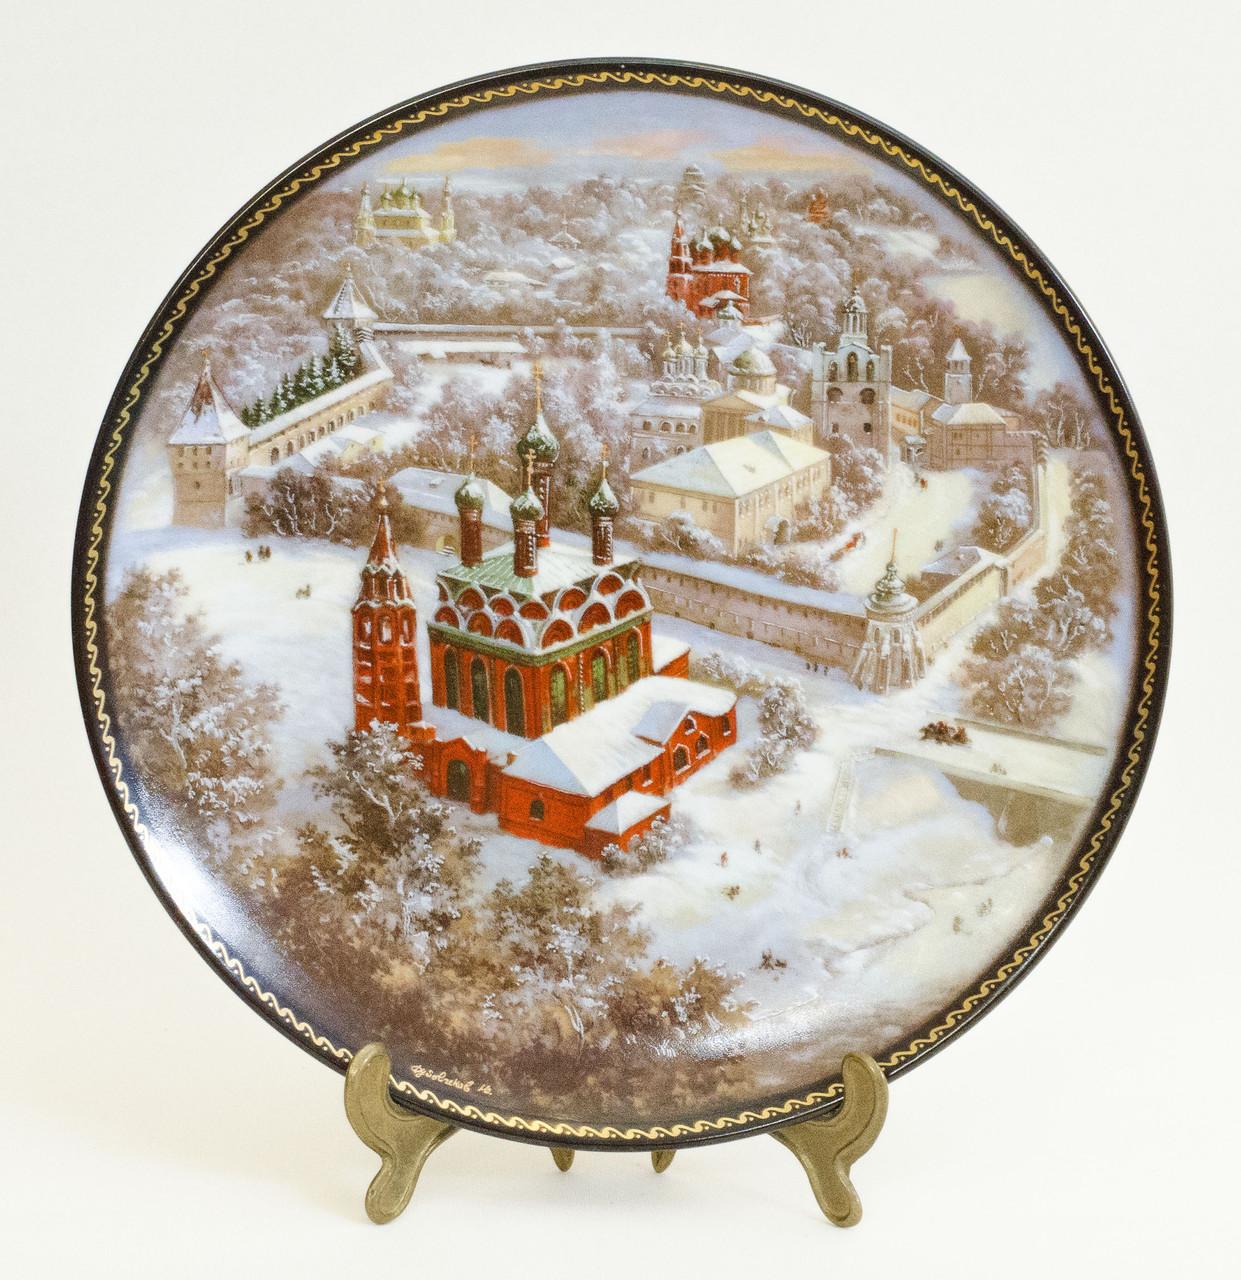 Фарфоровая настенная тарелка, Ярославский кремль, Золотое кольцо России, 1991 год, Былинный фарфор